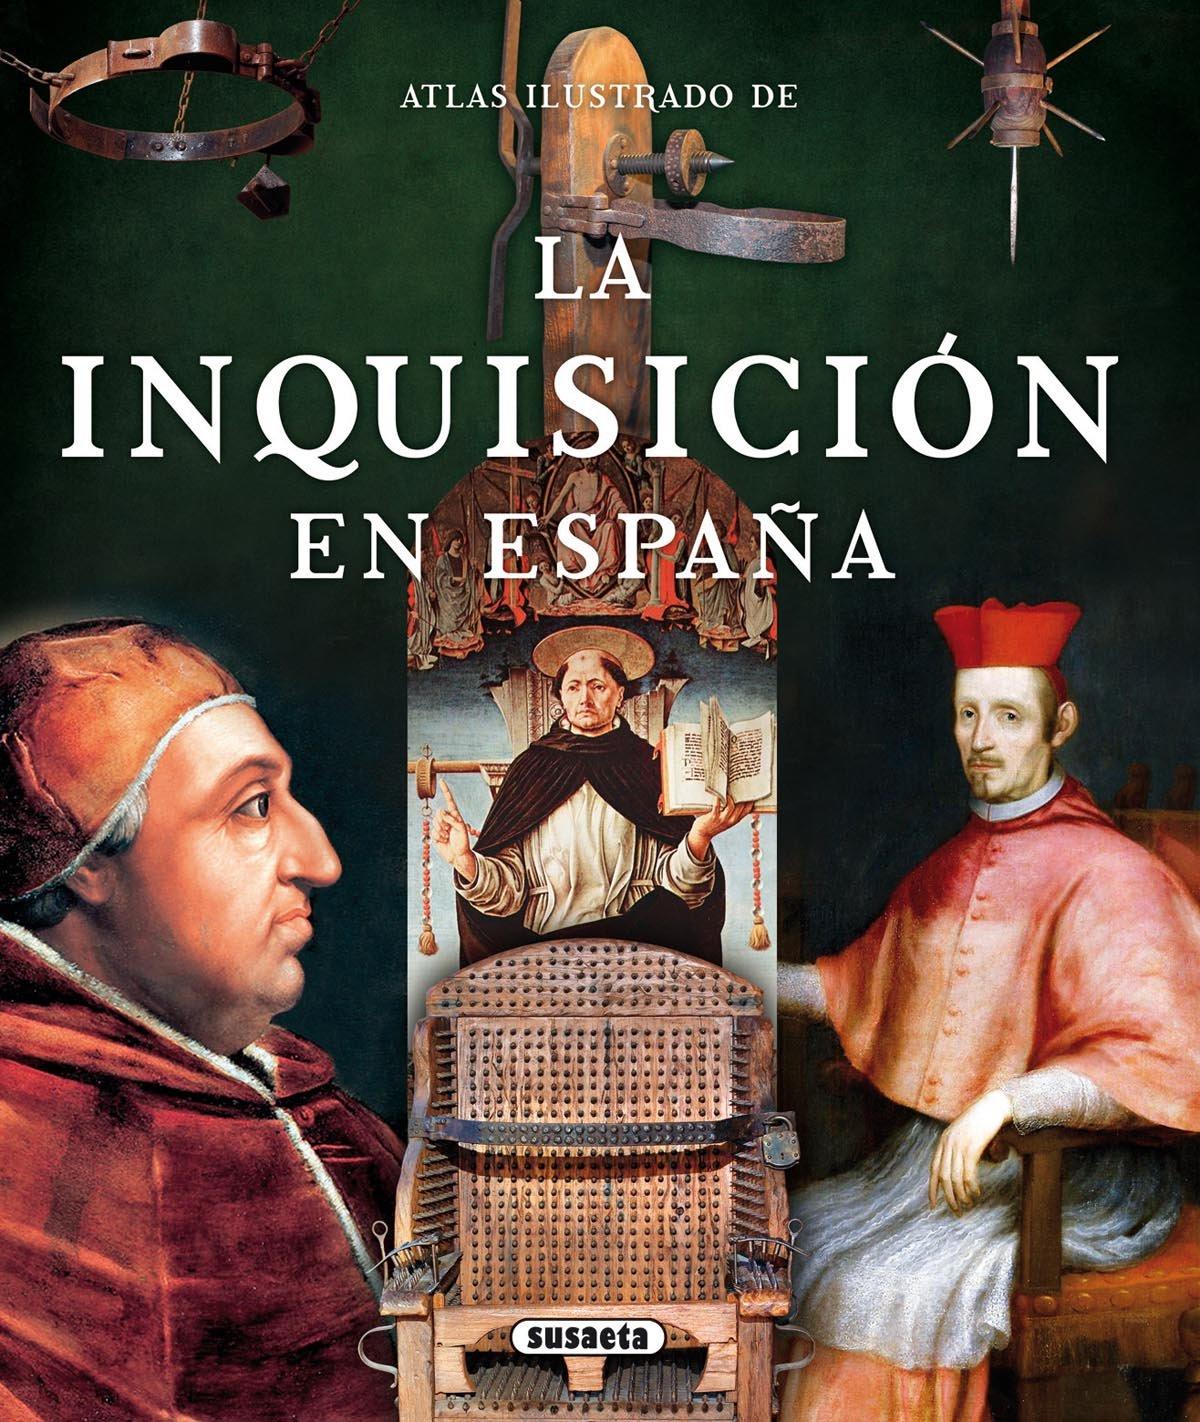 La Inquisición en España (Atlas Ilustrado): Amazon.es: Balasch Blanch, Enric, Ruiz Arranz, Yolanda: Libros